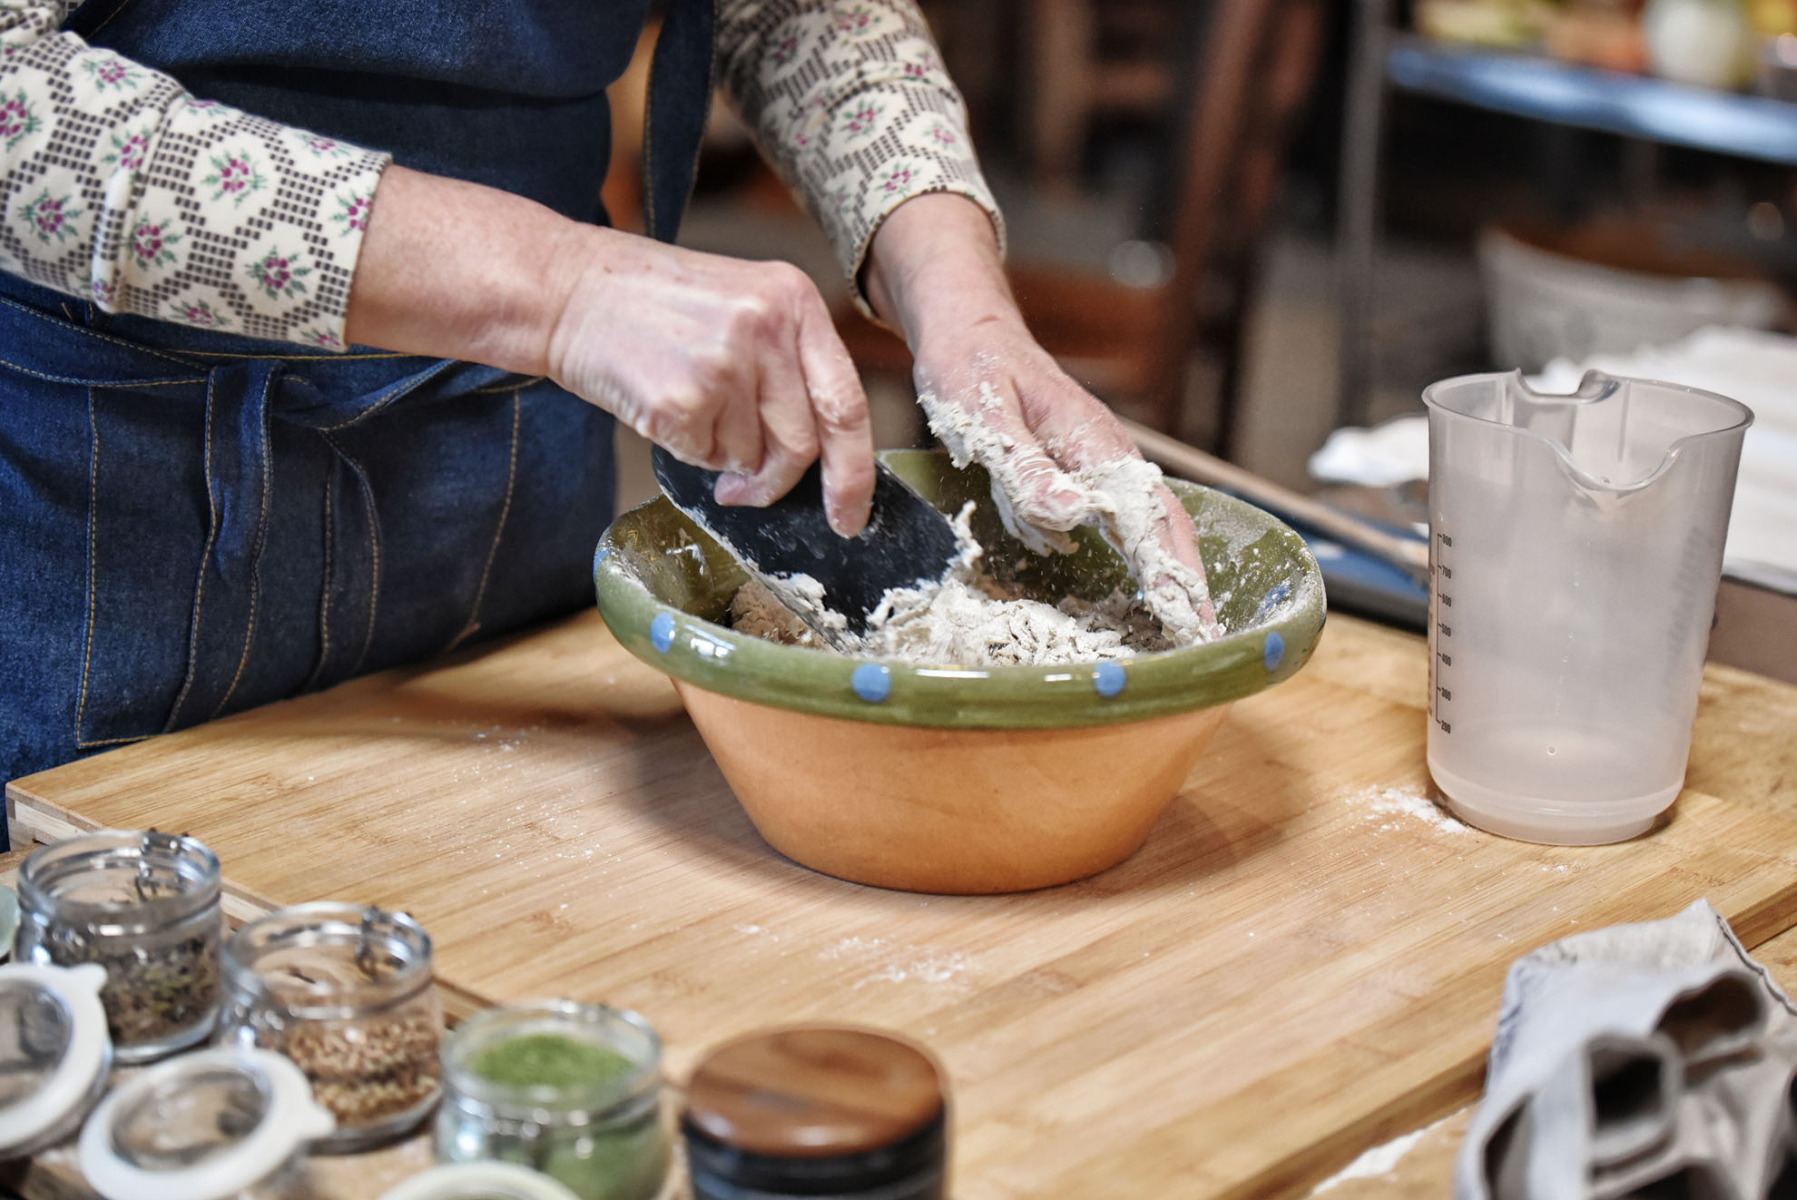 Brotteig-Zubereitung - Kneten Schüssel